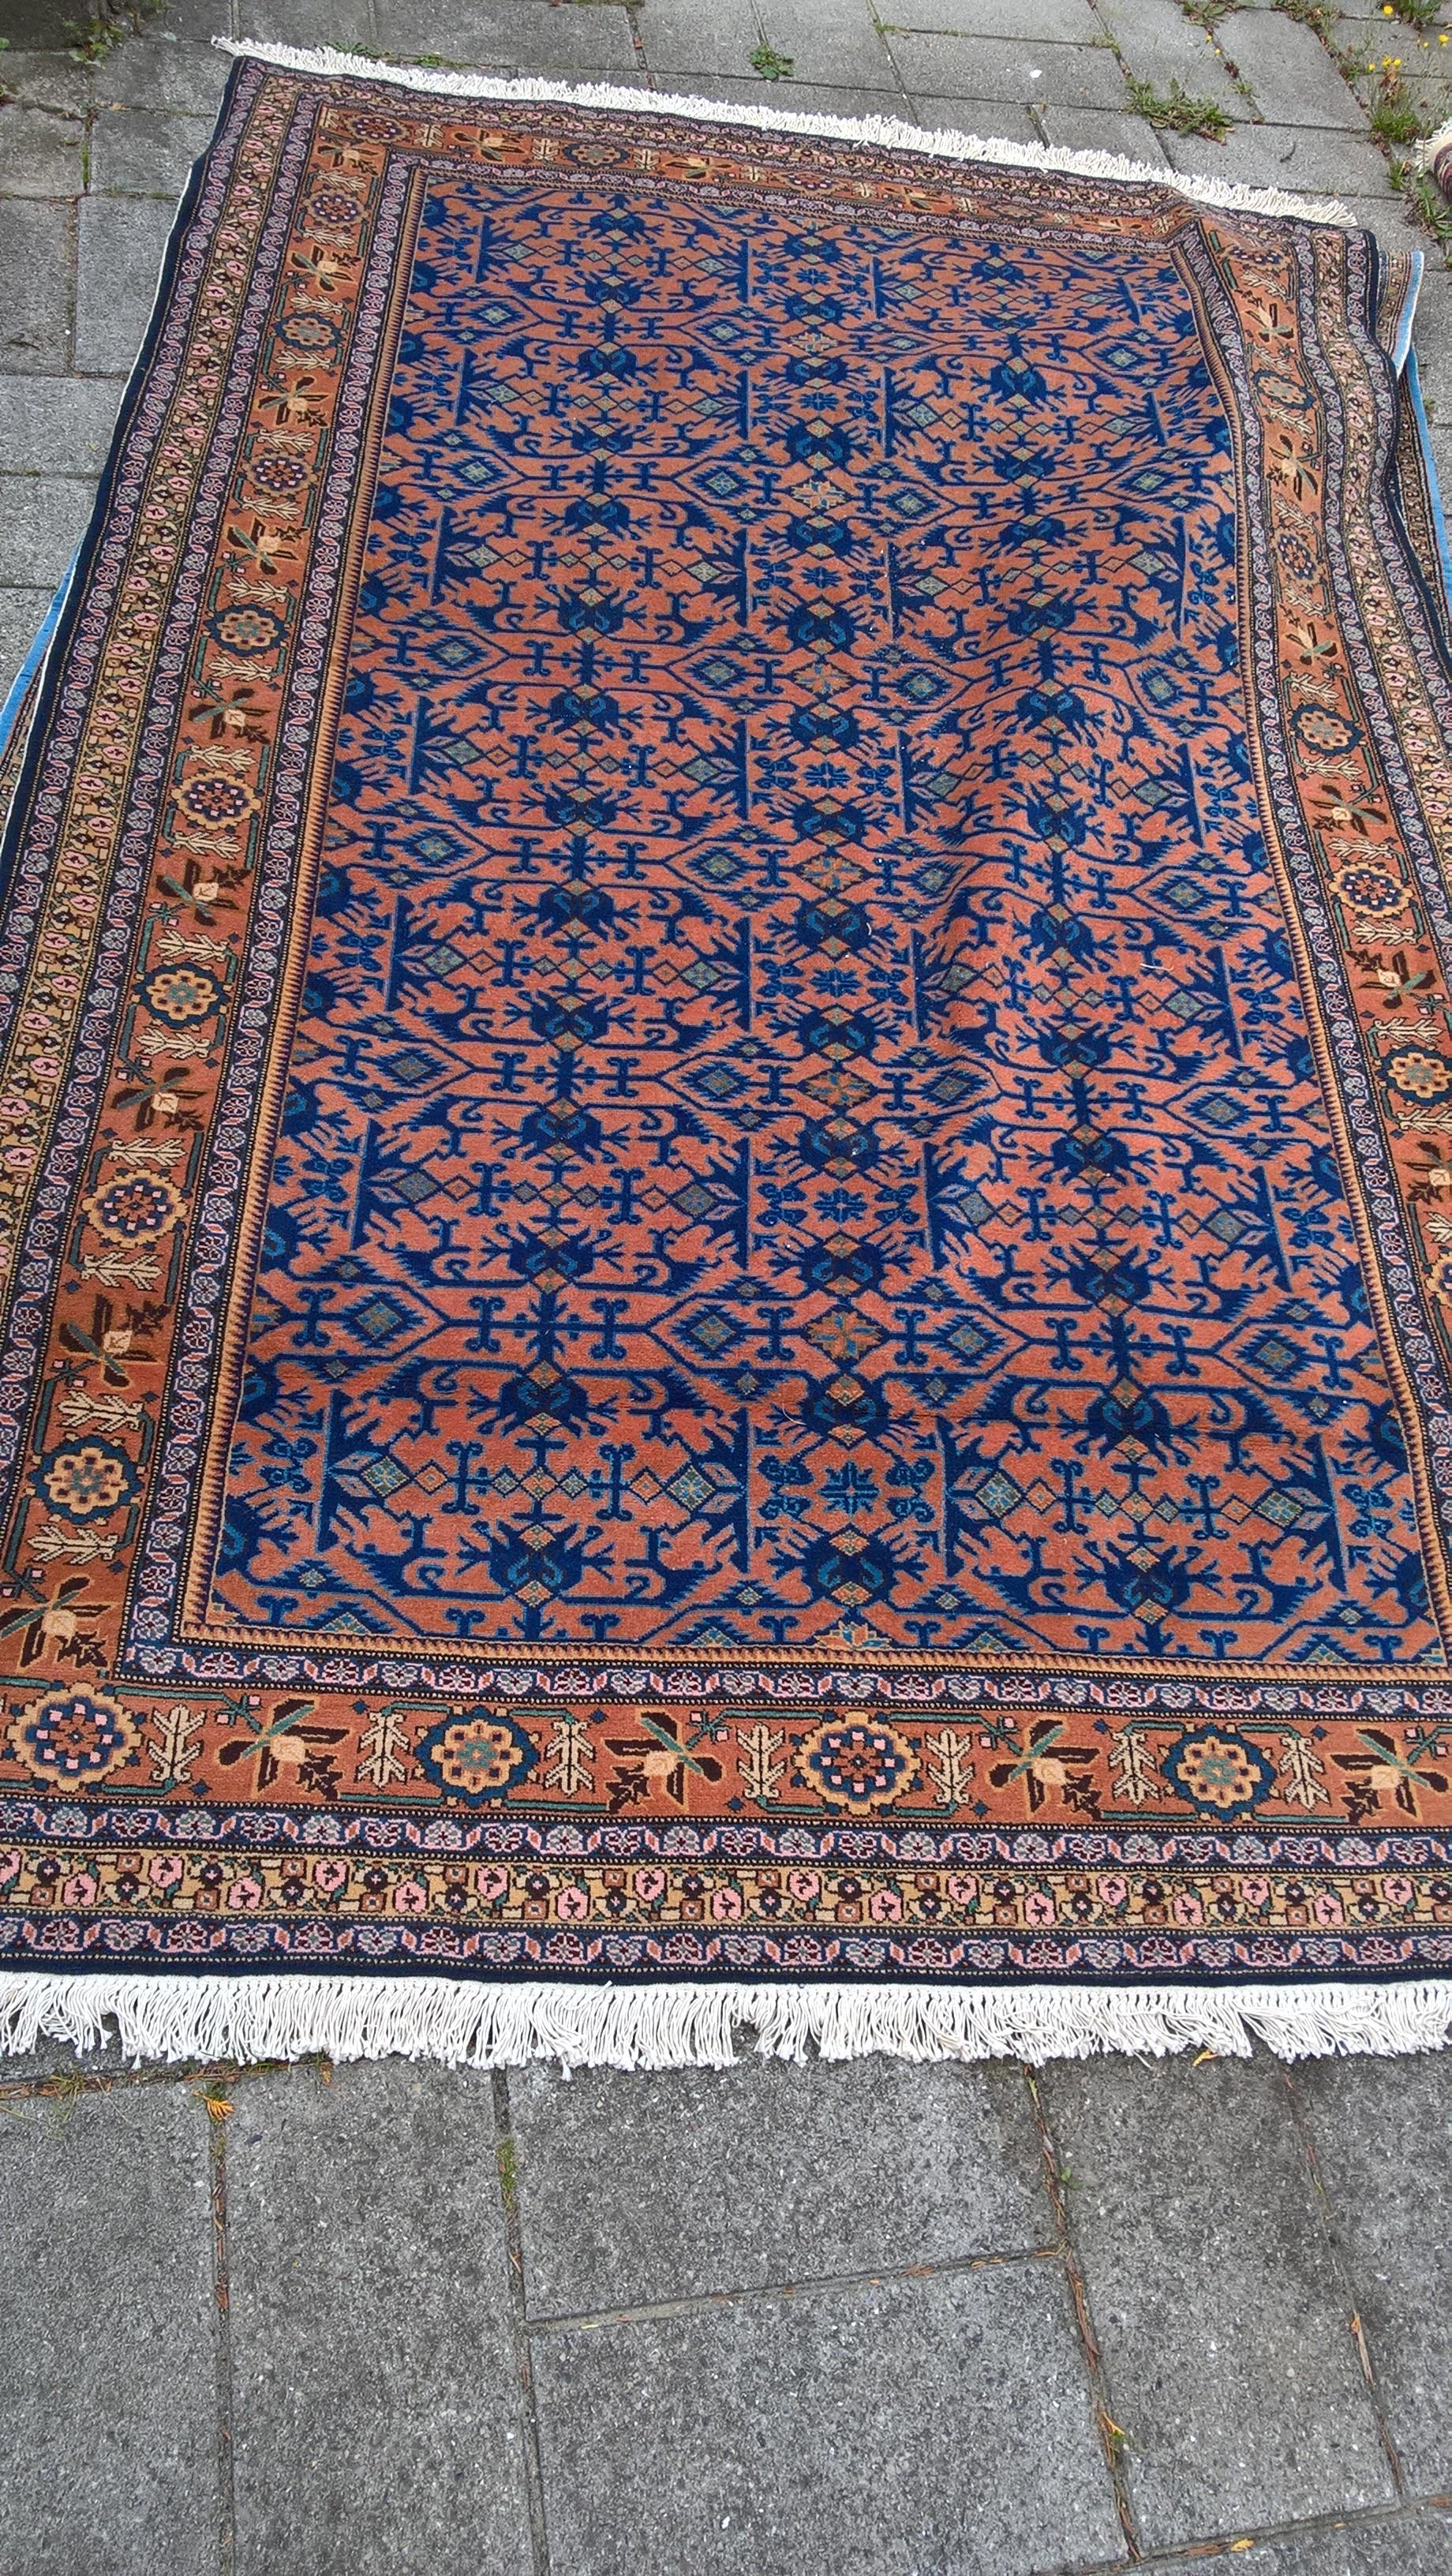 Ægte Persisk tæppe MASLAGAN Mål 270/170 cm (b/d) Tæppe kr. 5.500,- Varenr. Rug16-3460-06-blue brown